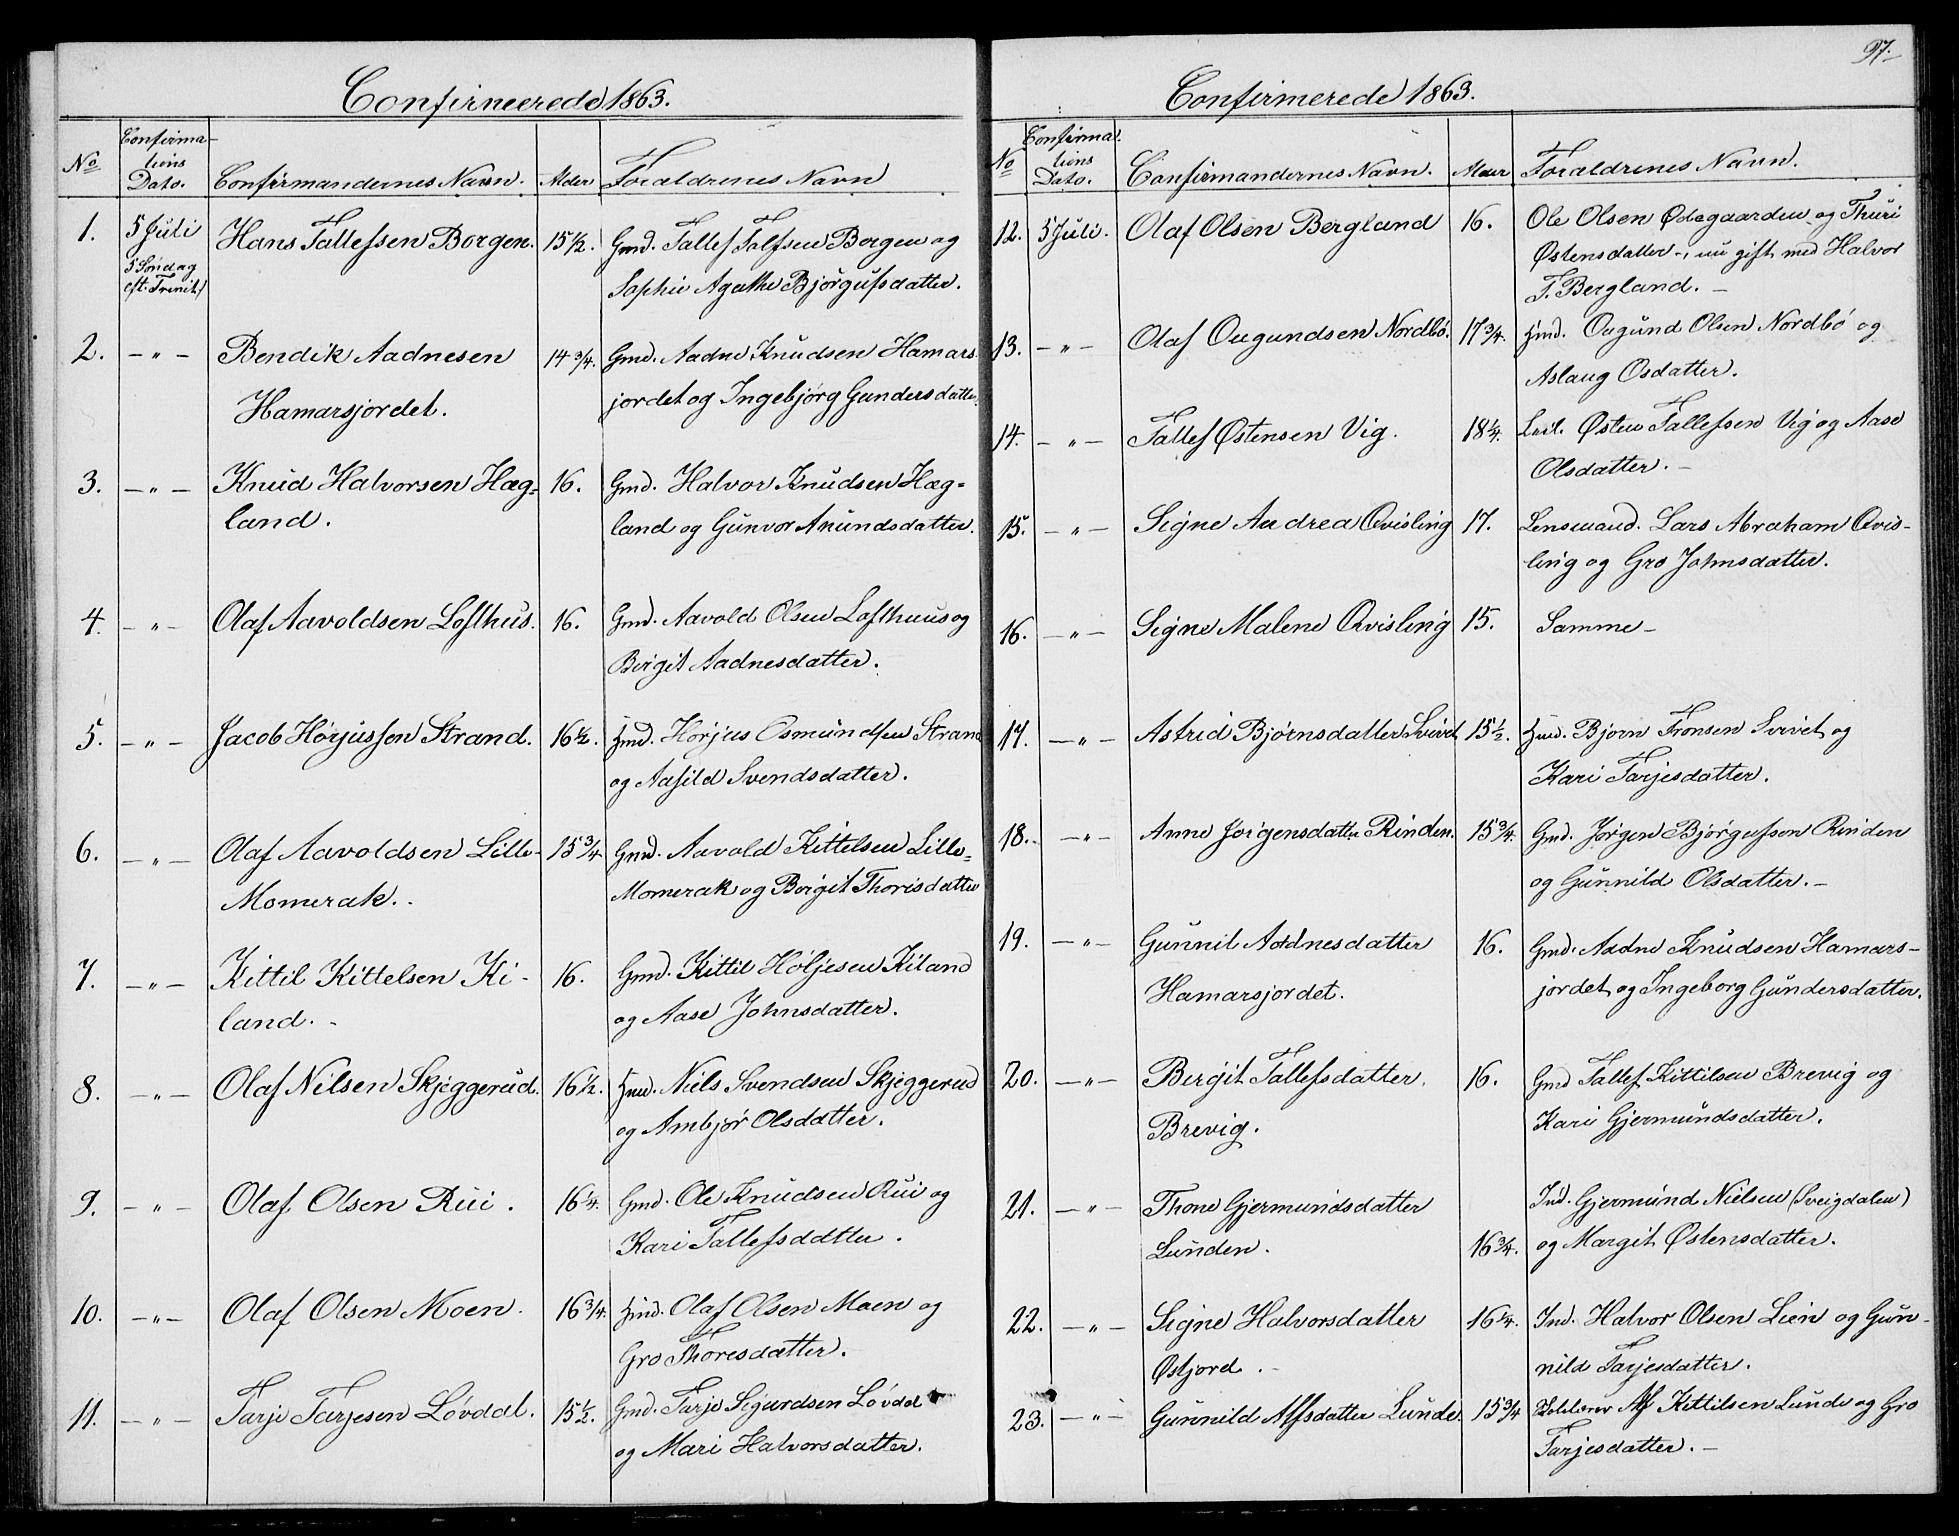 SAKO, Fyresdal kirkebøker, G/Ga/L0004: Klokkerbok nr. I 4, 1864-1892, s. 97